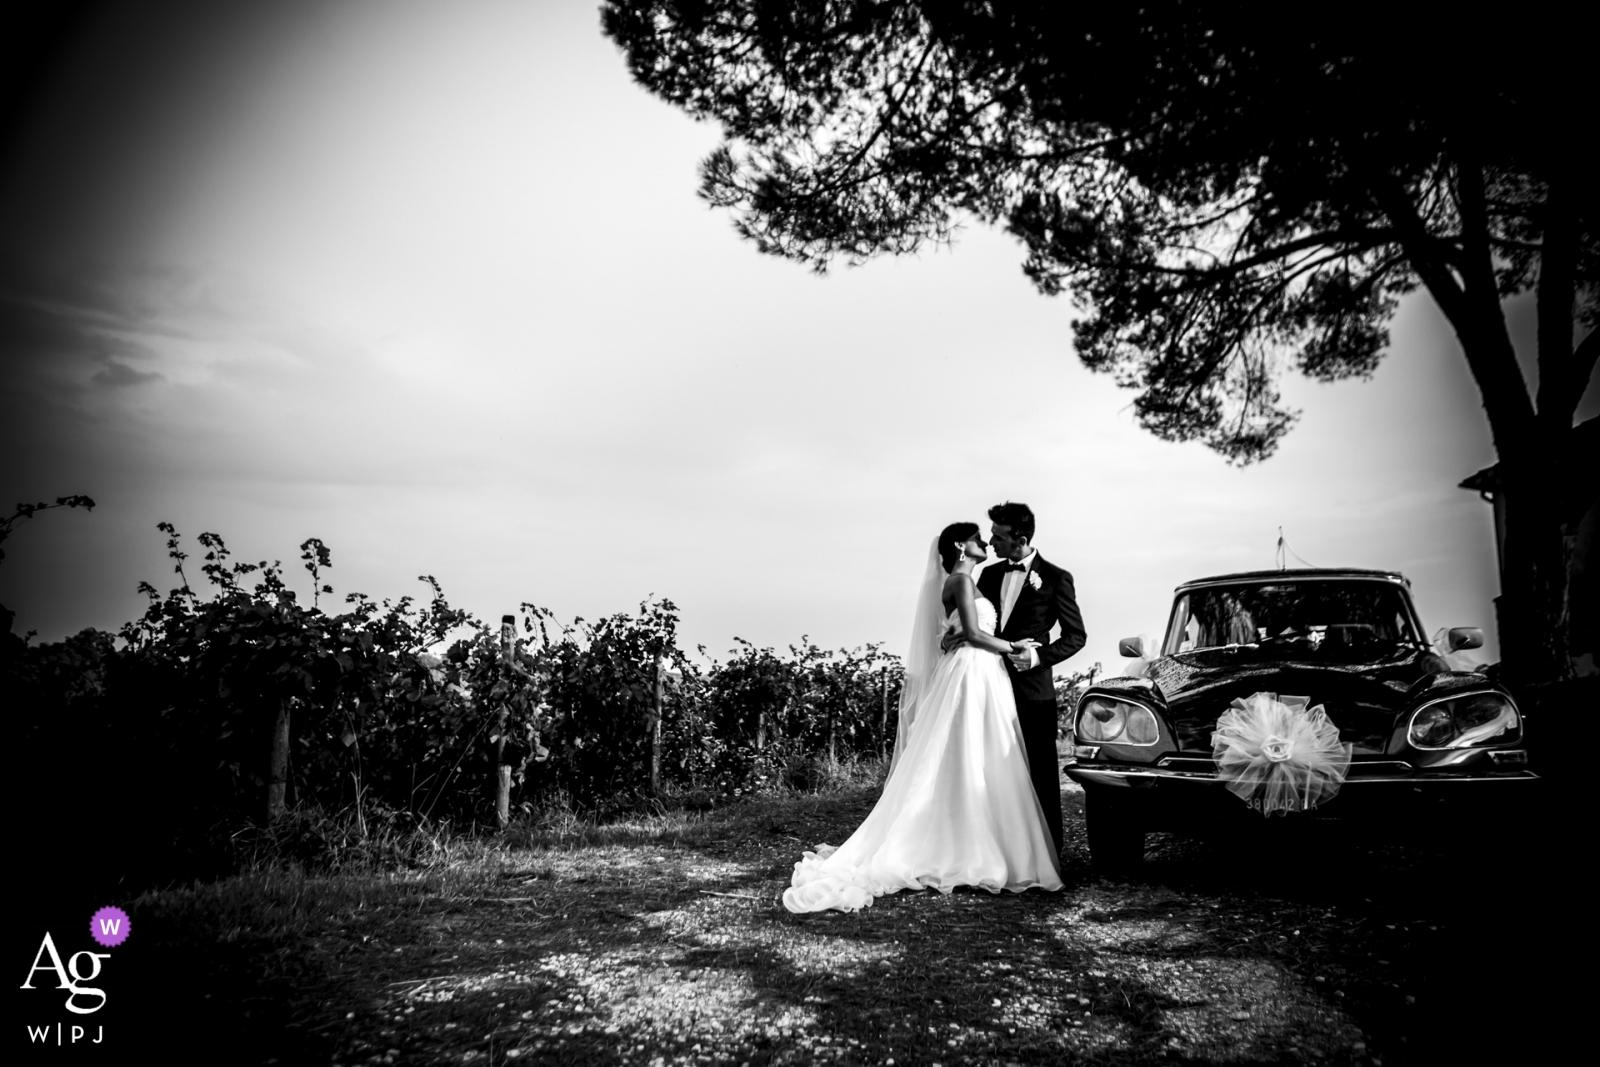 Portrety ślubne Villa Bruguier | panna młoda i pan młody są małżeństwem ... i czarnym samochodem